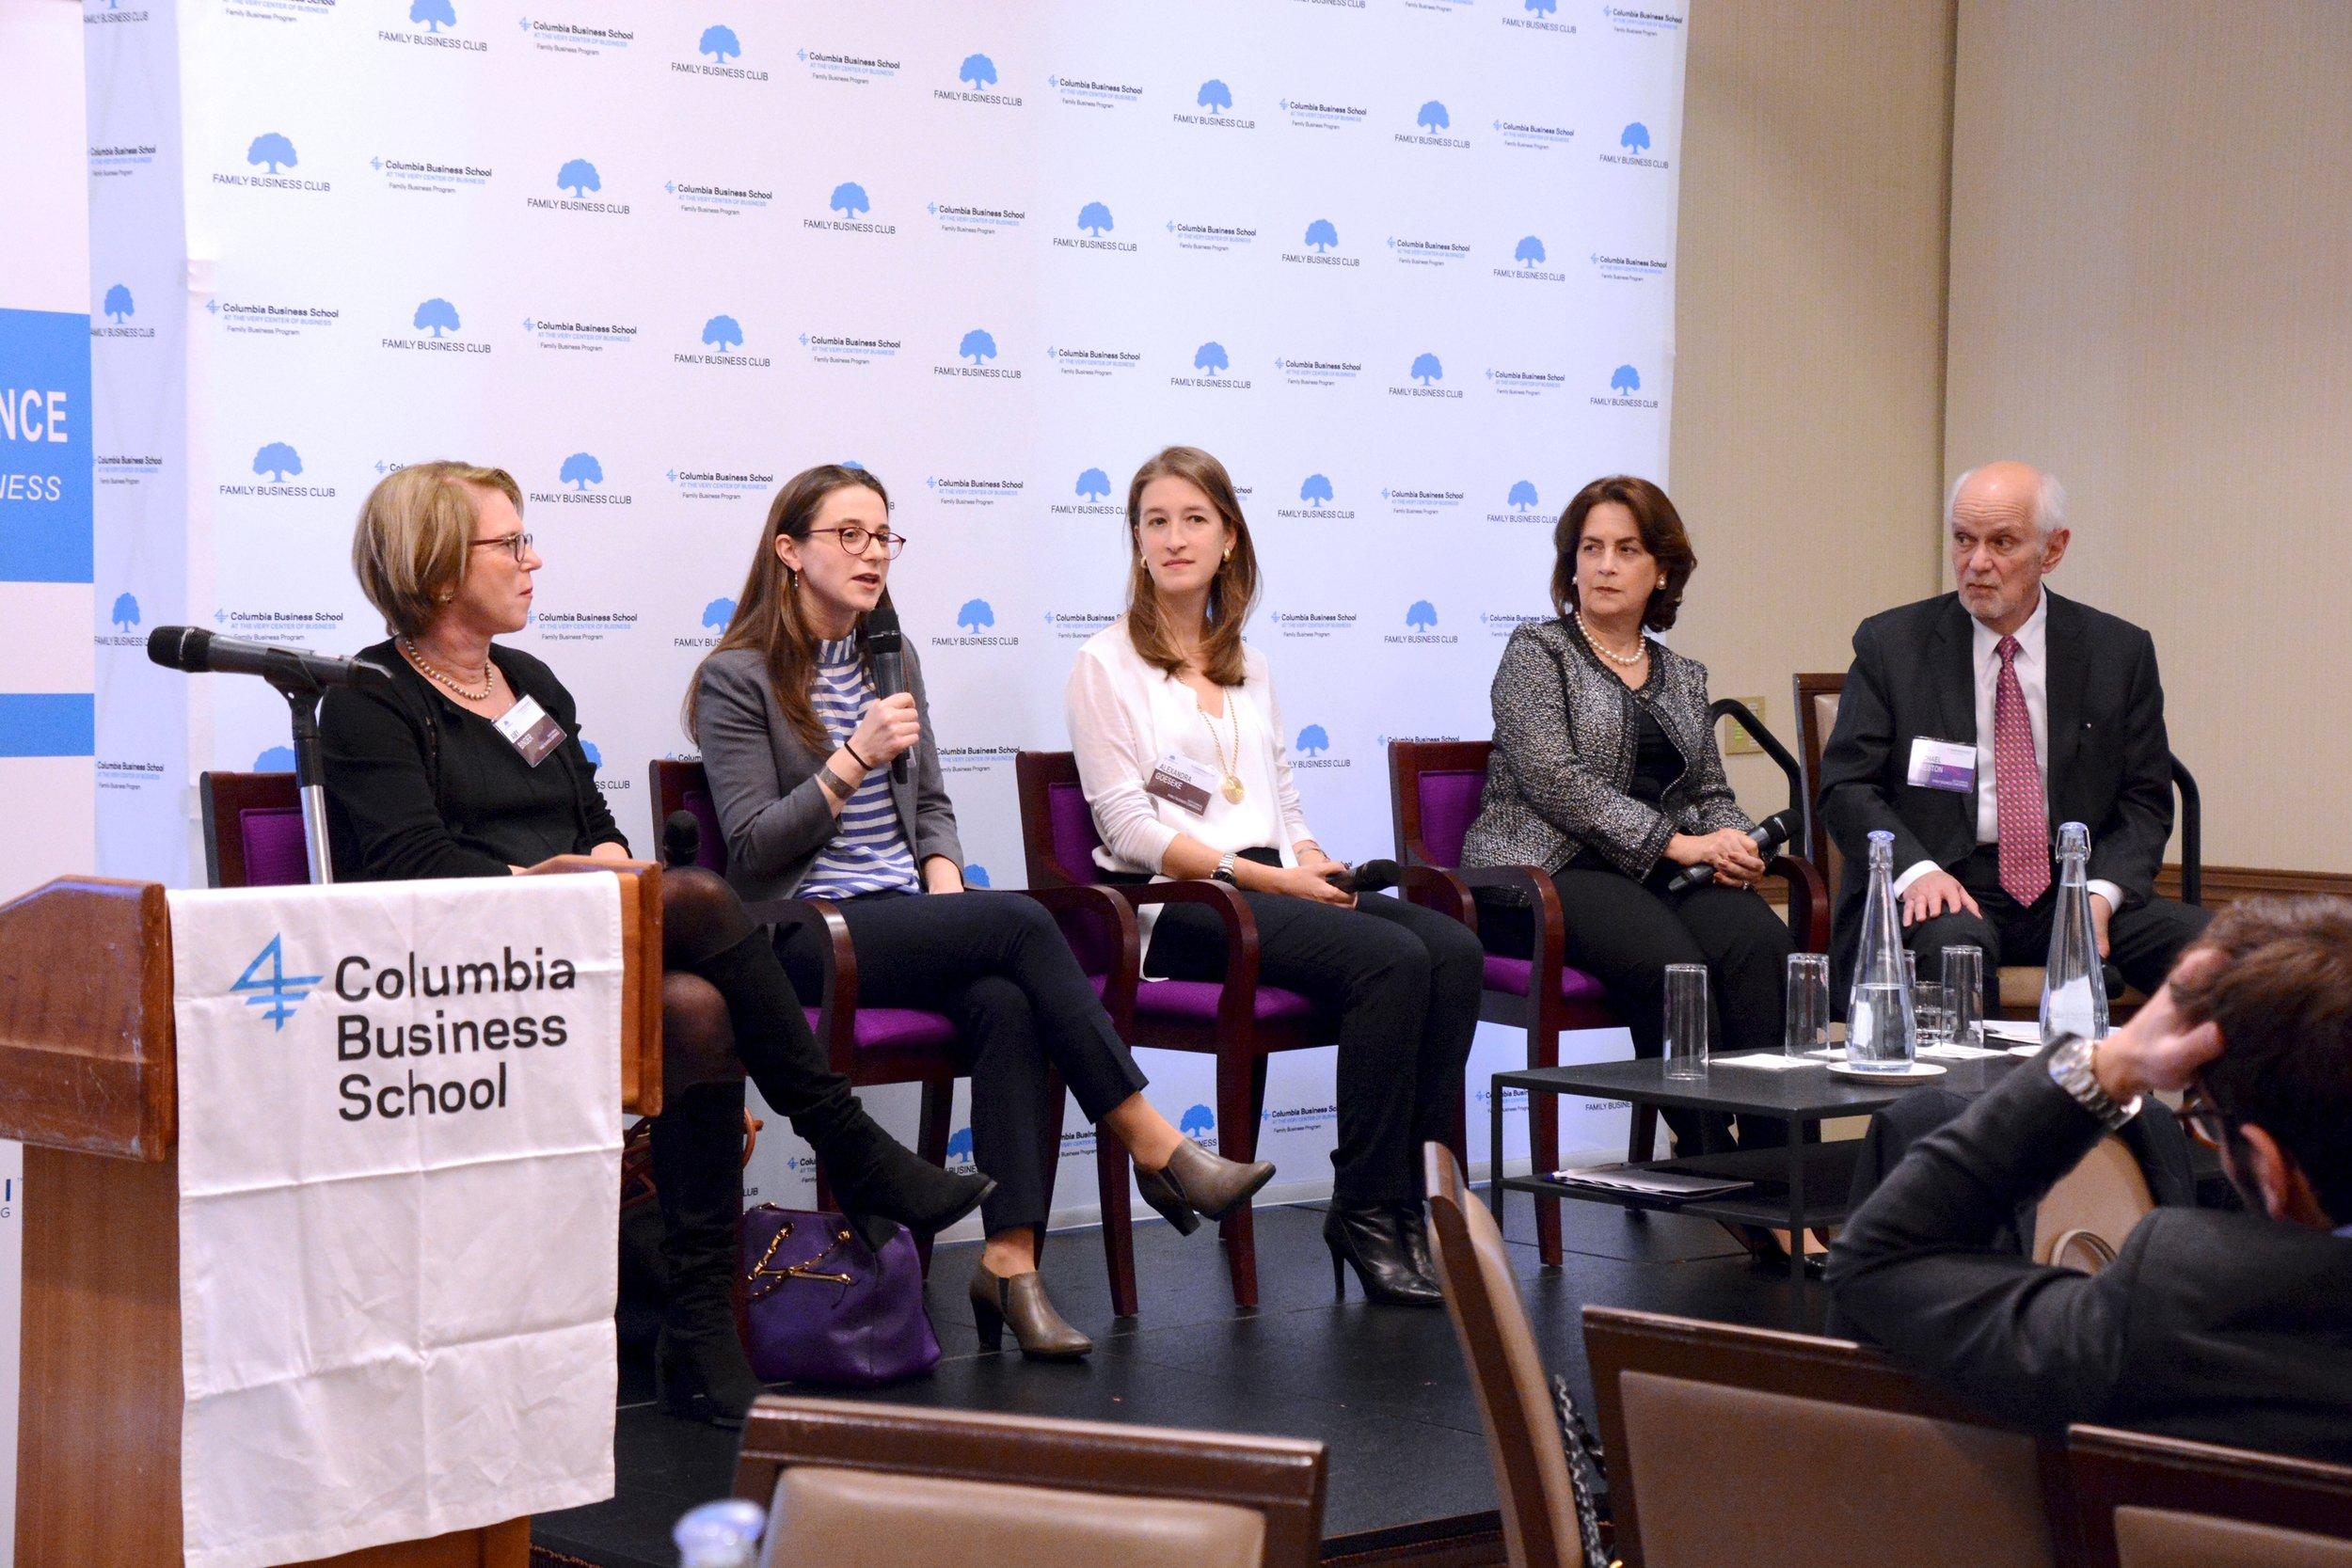 Multi-Gen. Women in Business Panel